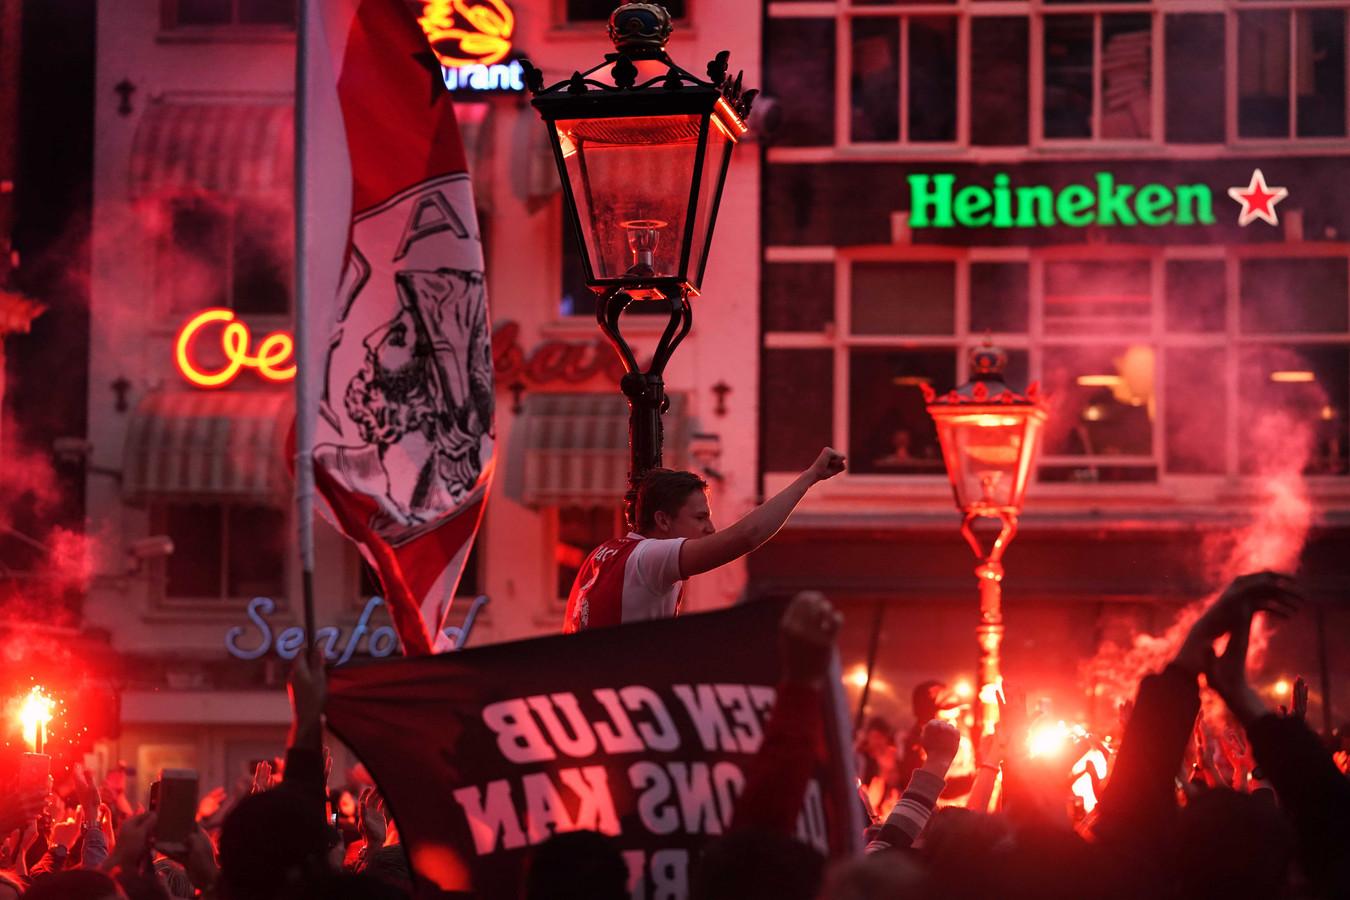 Fans van Ajax vieren feest na het behalen van de 34e landstitel.